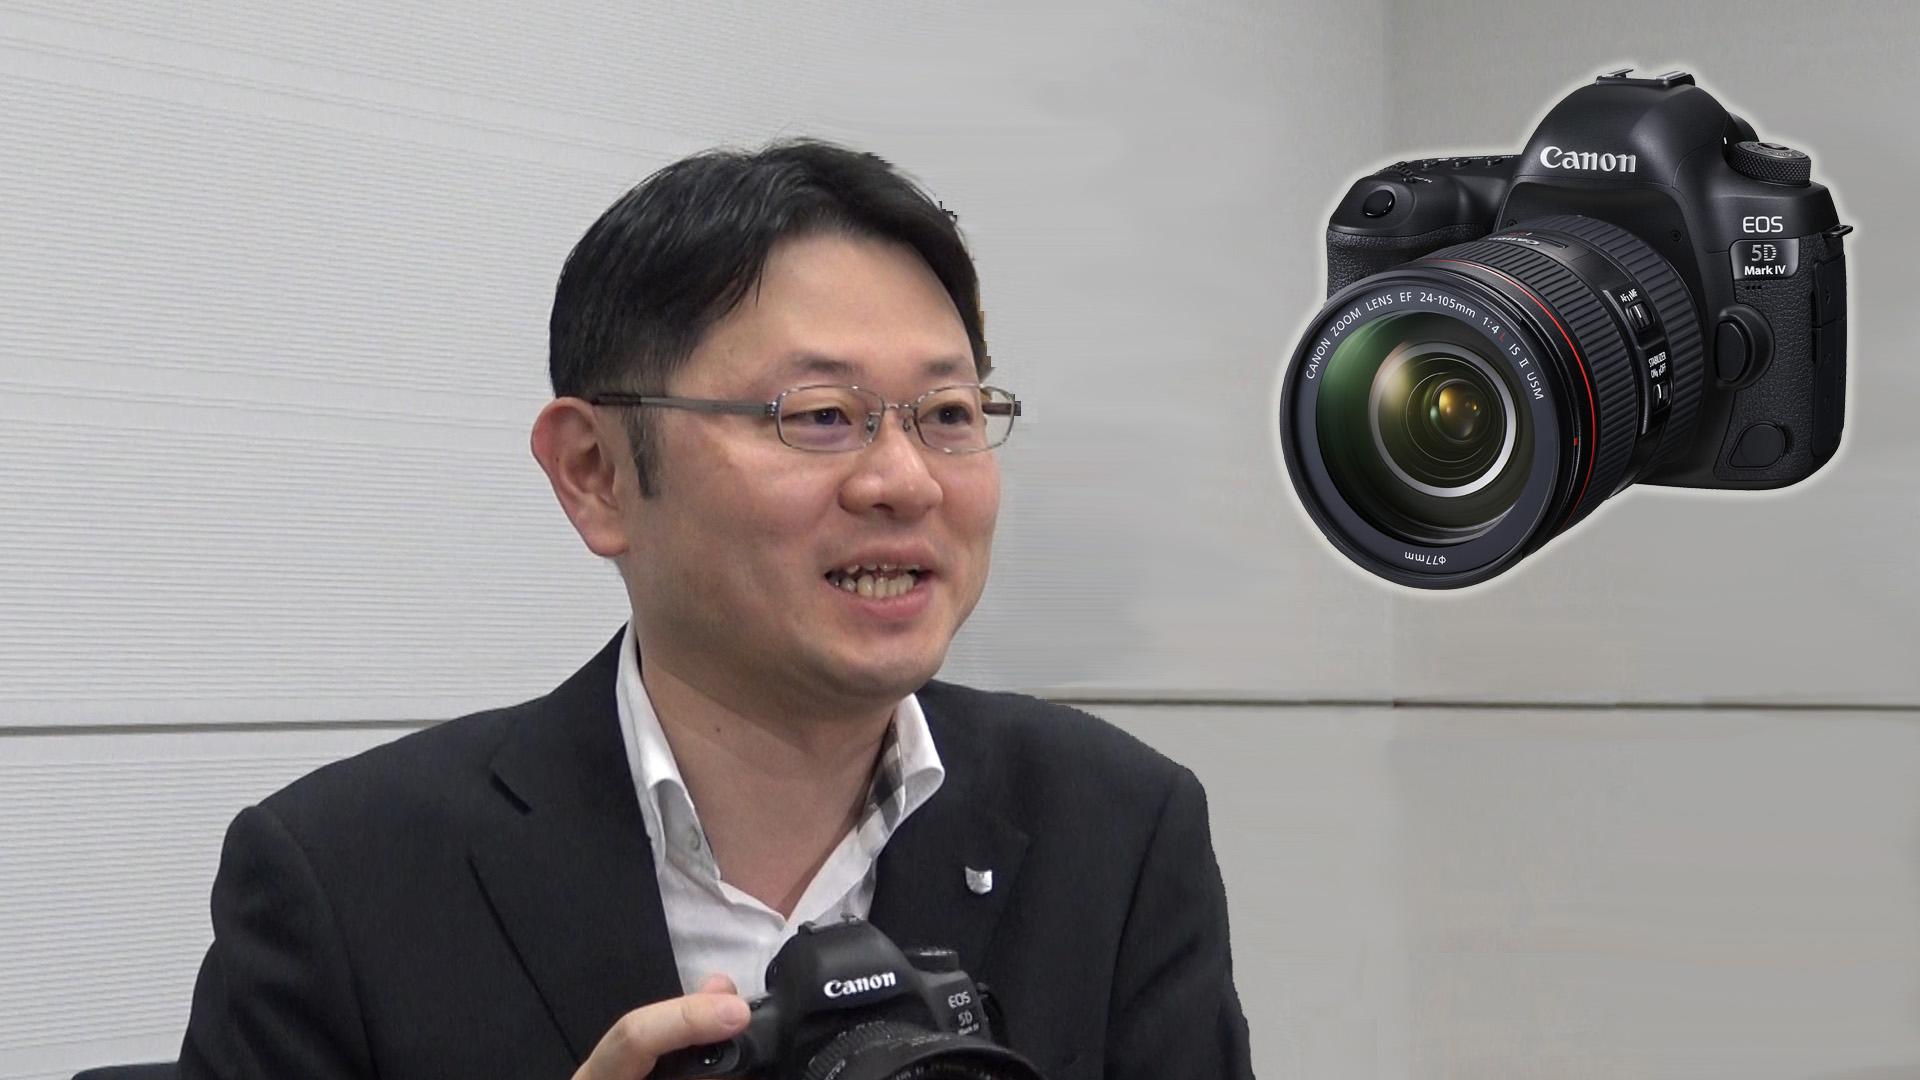 キヤノン5D Mark IV インタビュー — キヤノンの商品企画担当に聞く